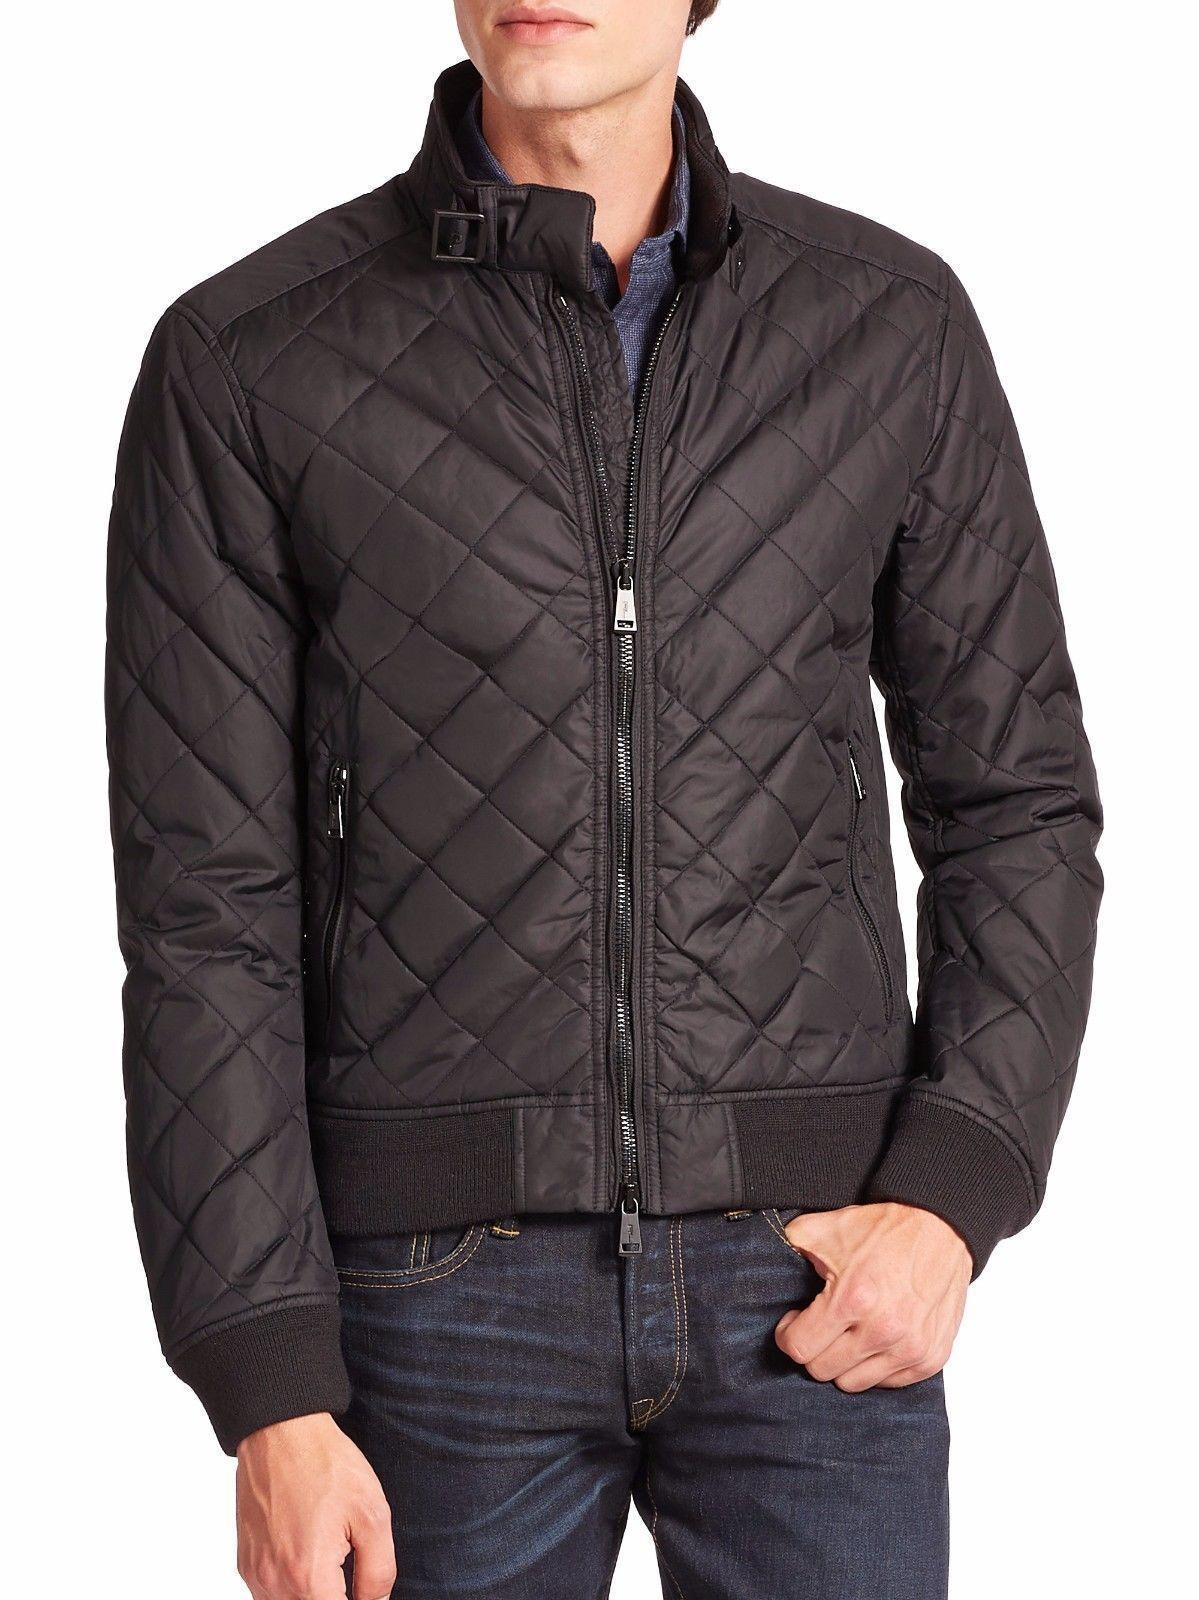 Polo Ralph Lauren Men's Quilted Moto Bomber Jacket Coat Black S | eBay : ralph lauren jacket quilted - Adamdwight.com